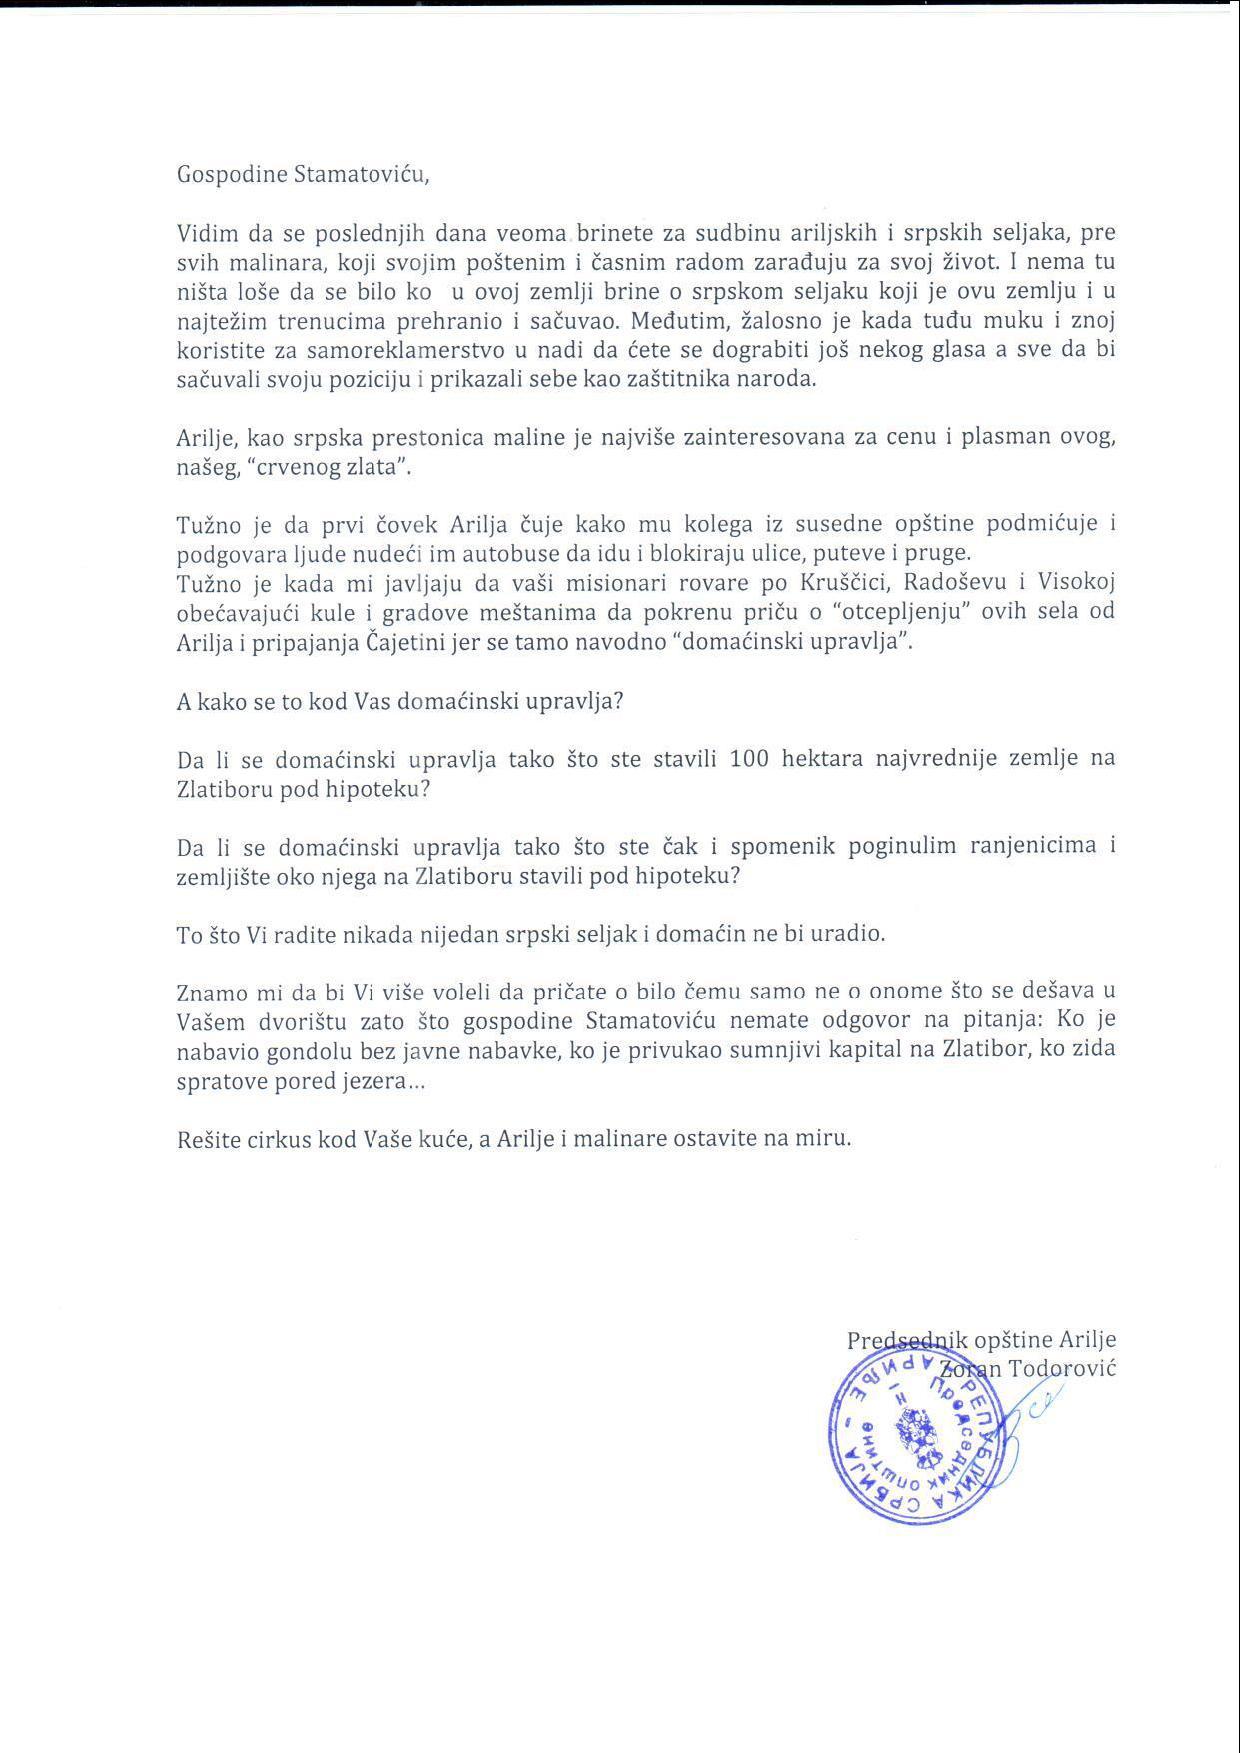 Otvoreno pismo predsednika Opštine Arilje